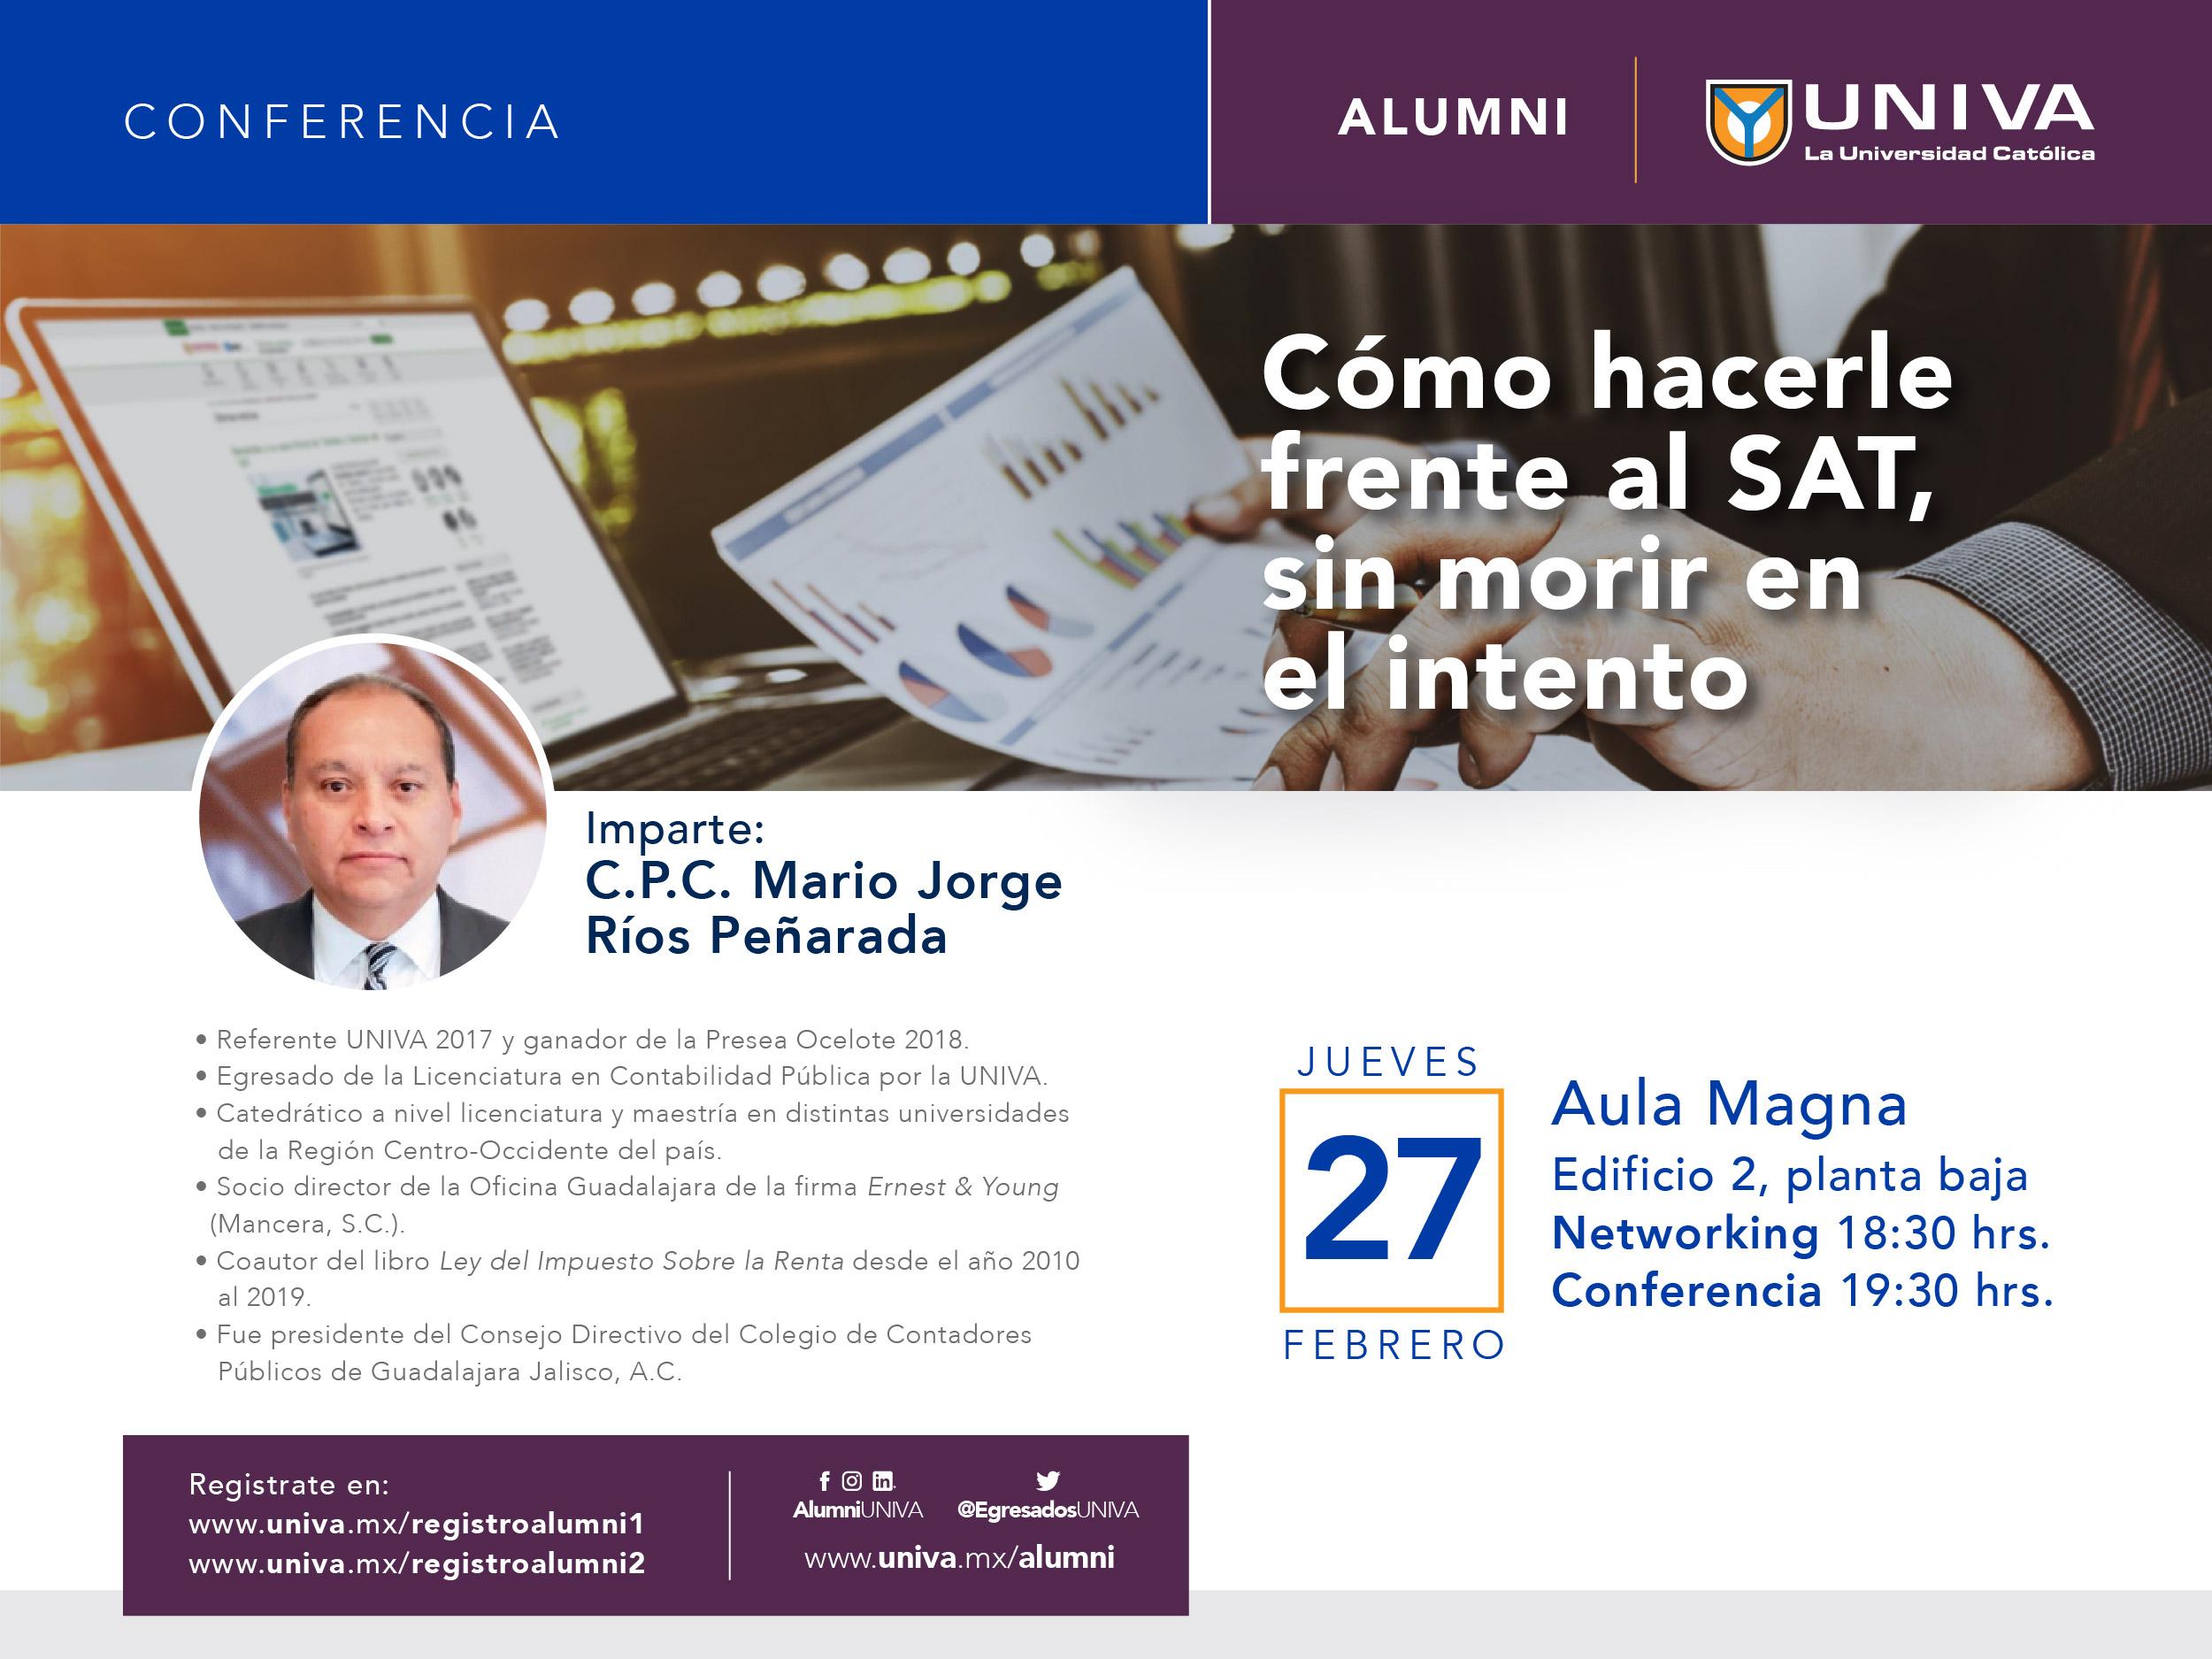 Conferencia Alumni: Como hacer frente al SAT, sin morir en el intento